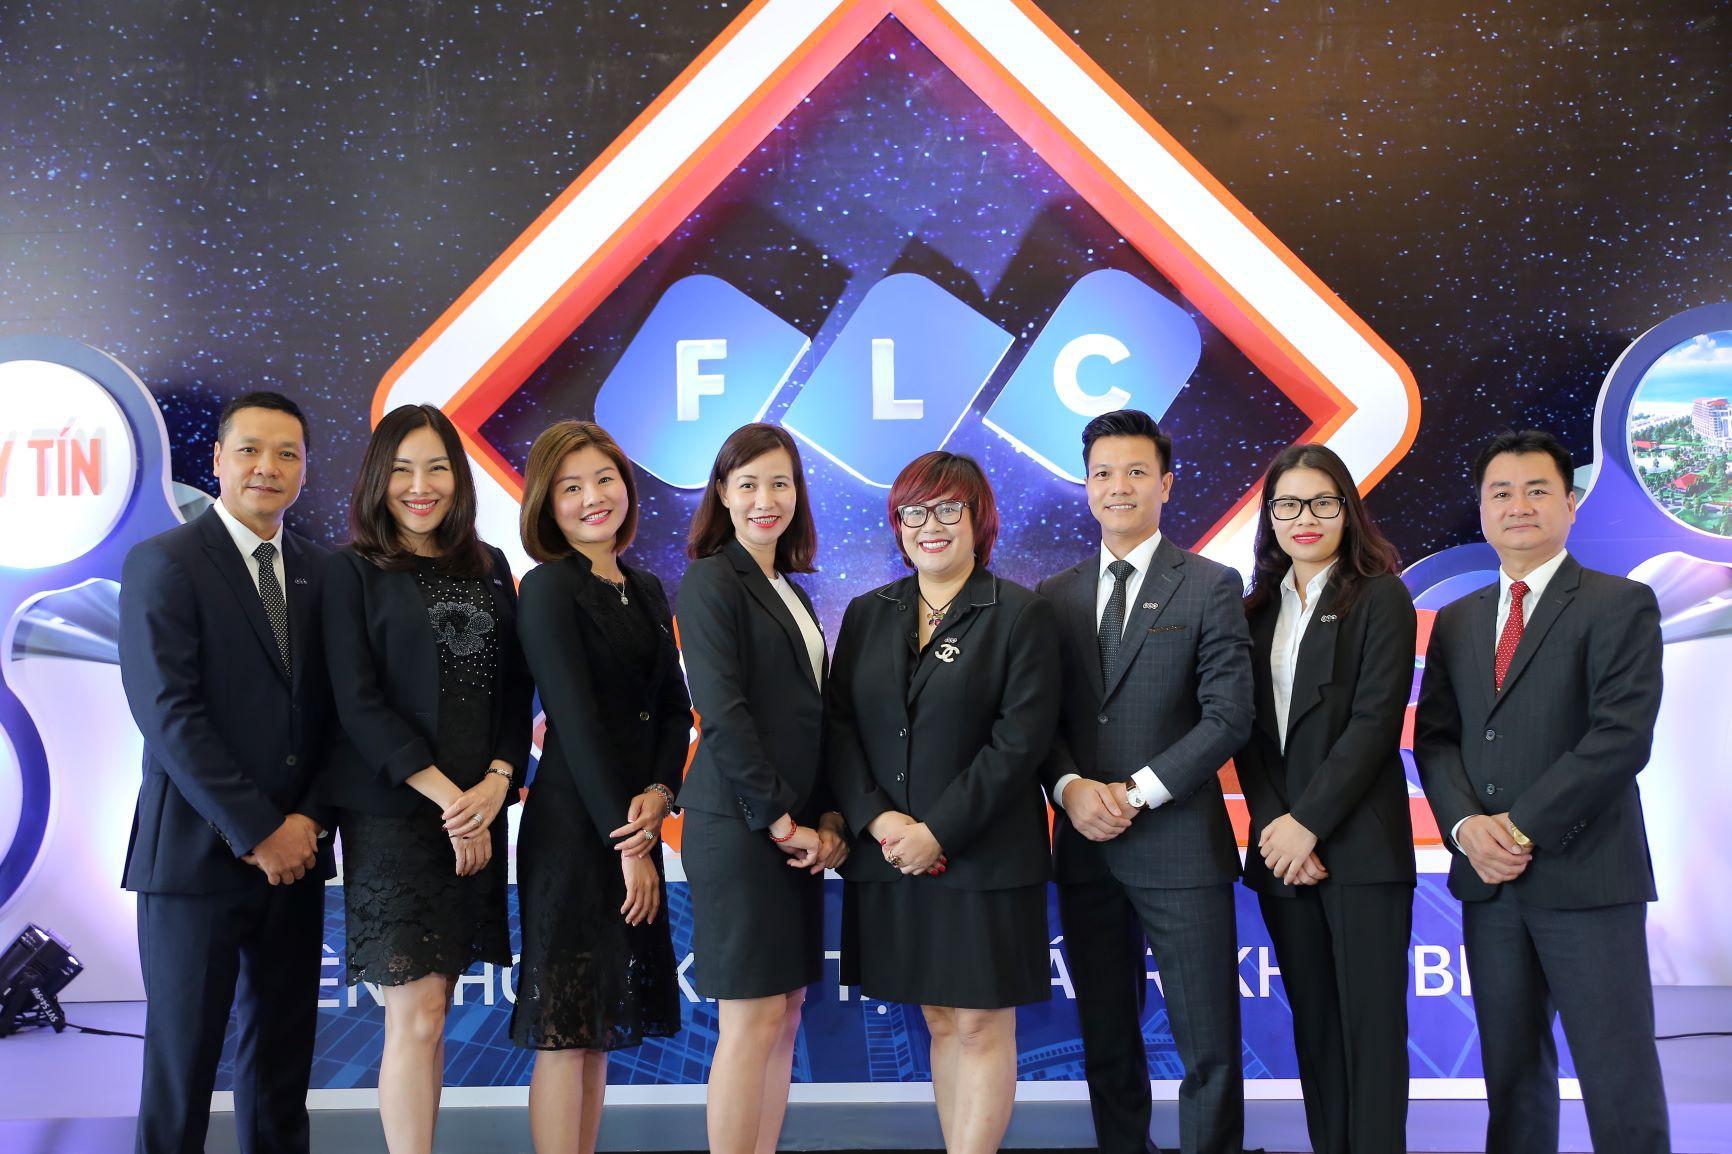 FLC công bố mã cổ phiếu FHM của công ty FLCHomes vốn hơn 4.100 tỉ đồng - Ảnh 2.